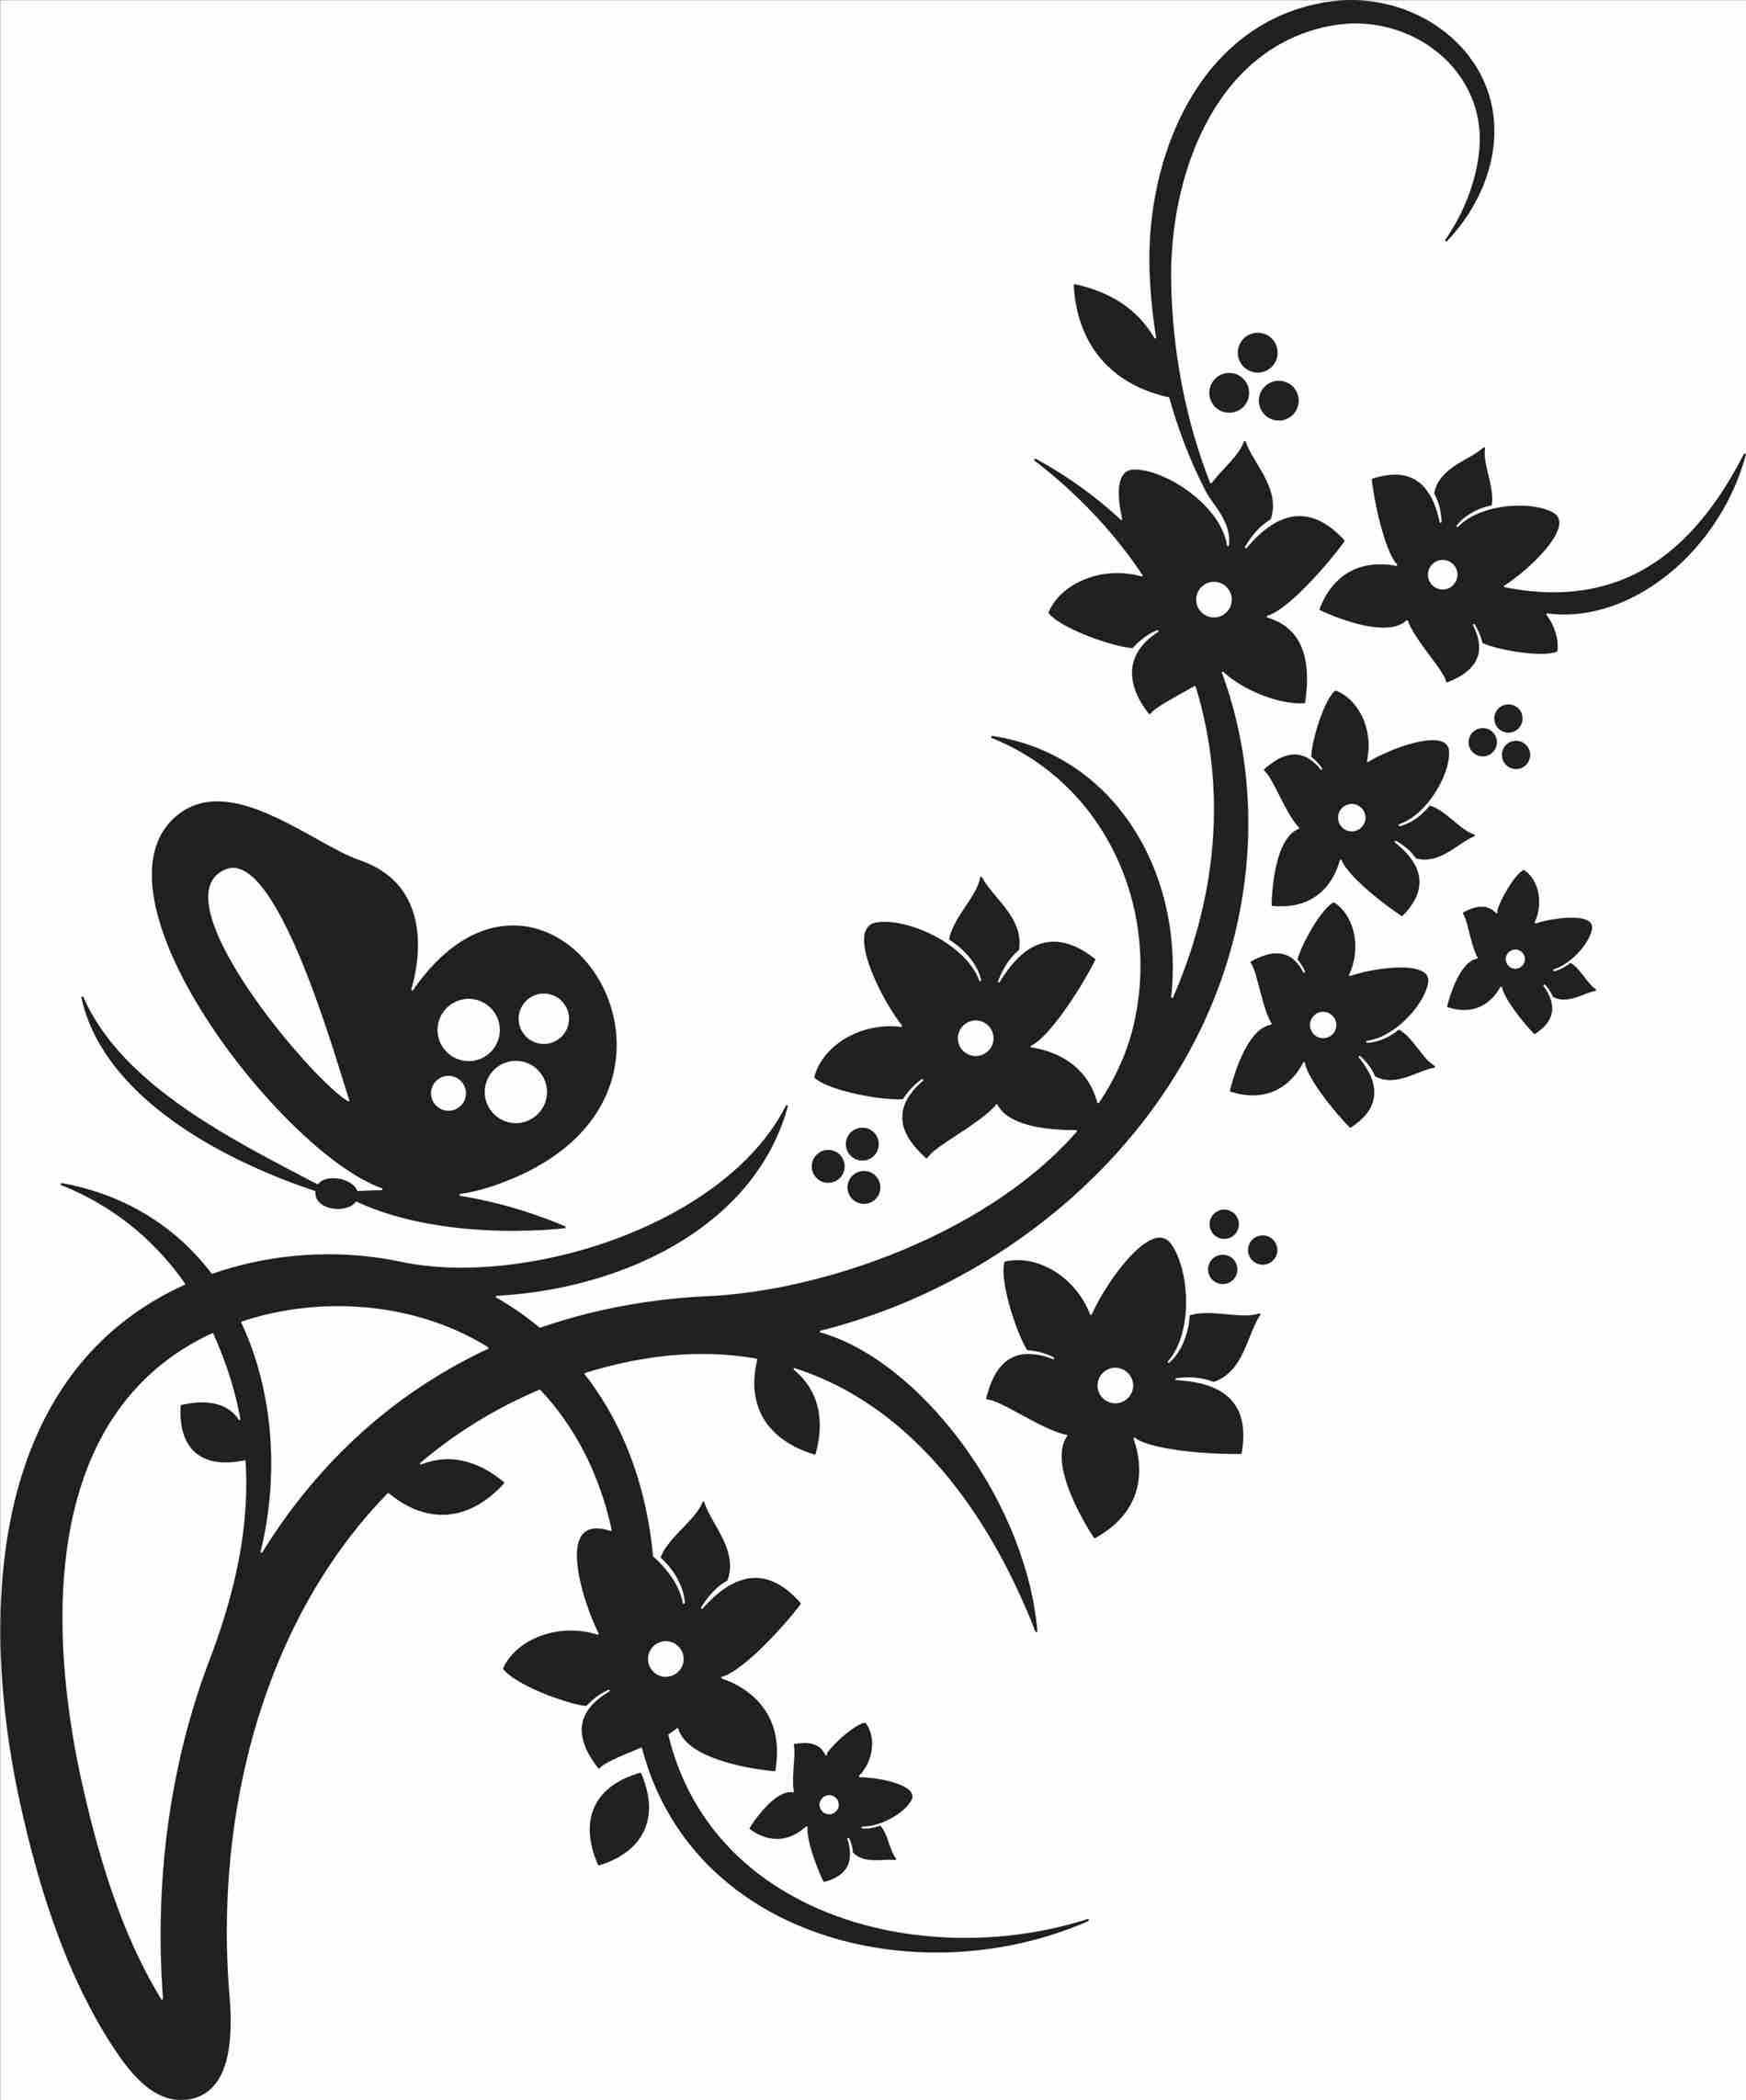 1900x2285 Vector Christian Flower Border Clip Art Black And White Symbol